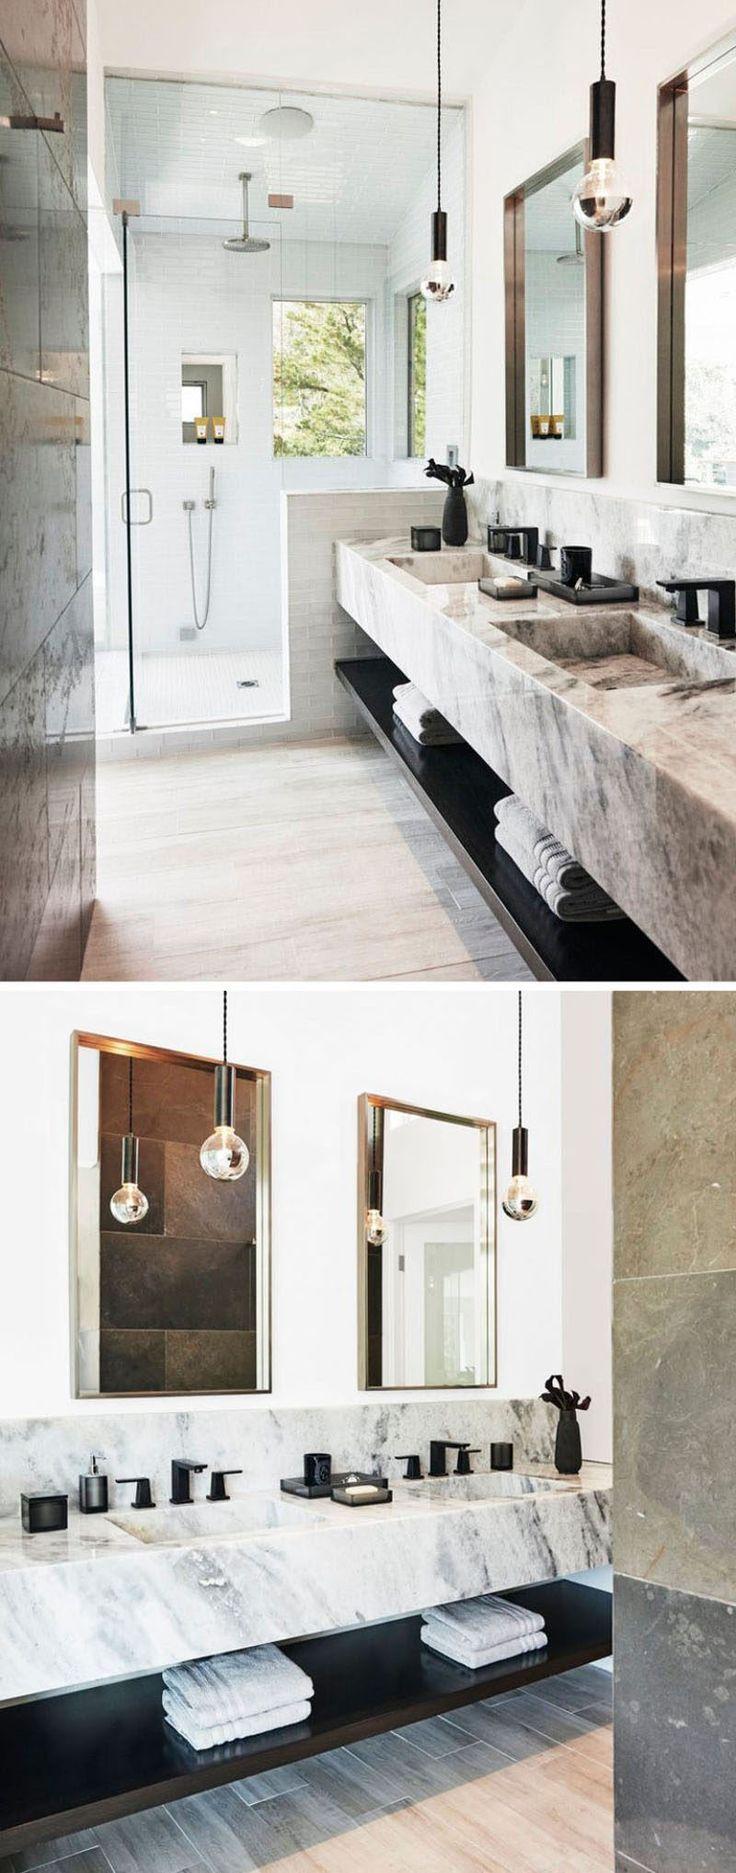 Badezimmer Design Ideen offenen Regal unterhalb der Arbeitsplatte / / die dunkle Ablage unter diesem Stein Zähler kontrastieren die leichten Materialien im Badezimmer und binden Sie in die schwarze Hardware und Zubehör.